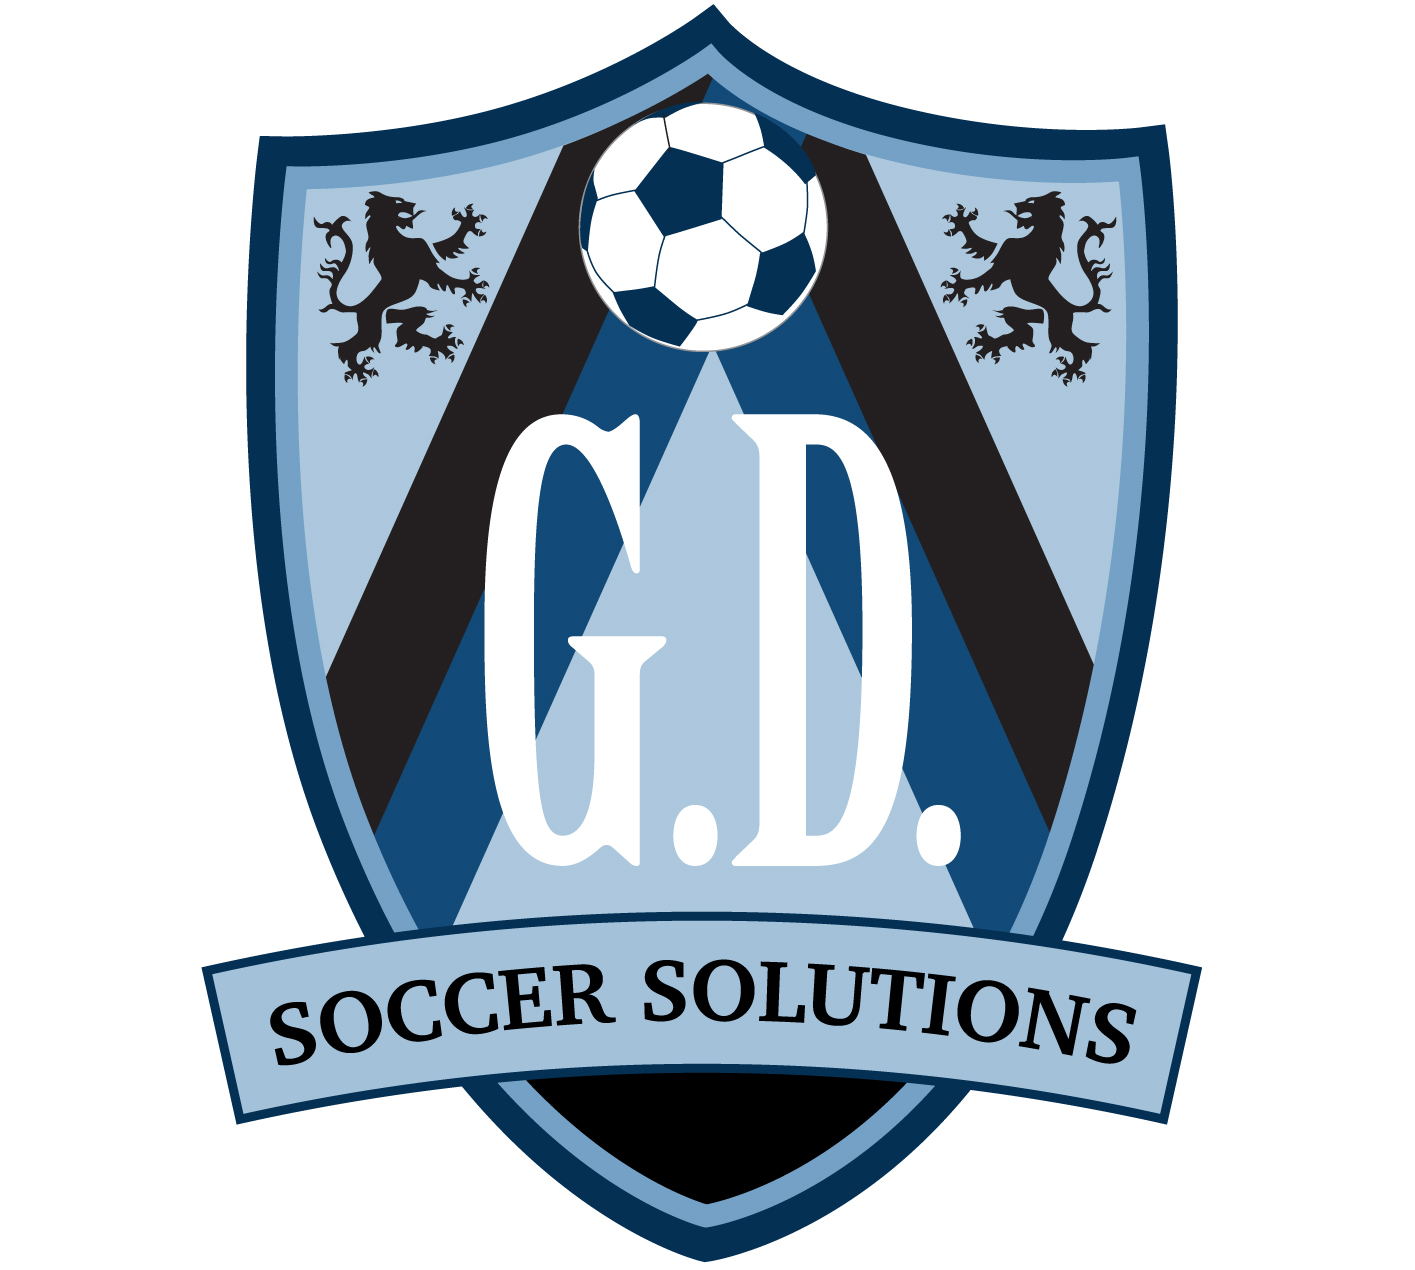 G.D. soccer solutions v2.jpg